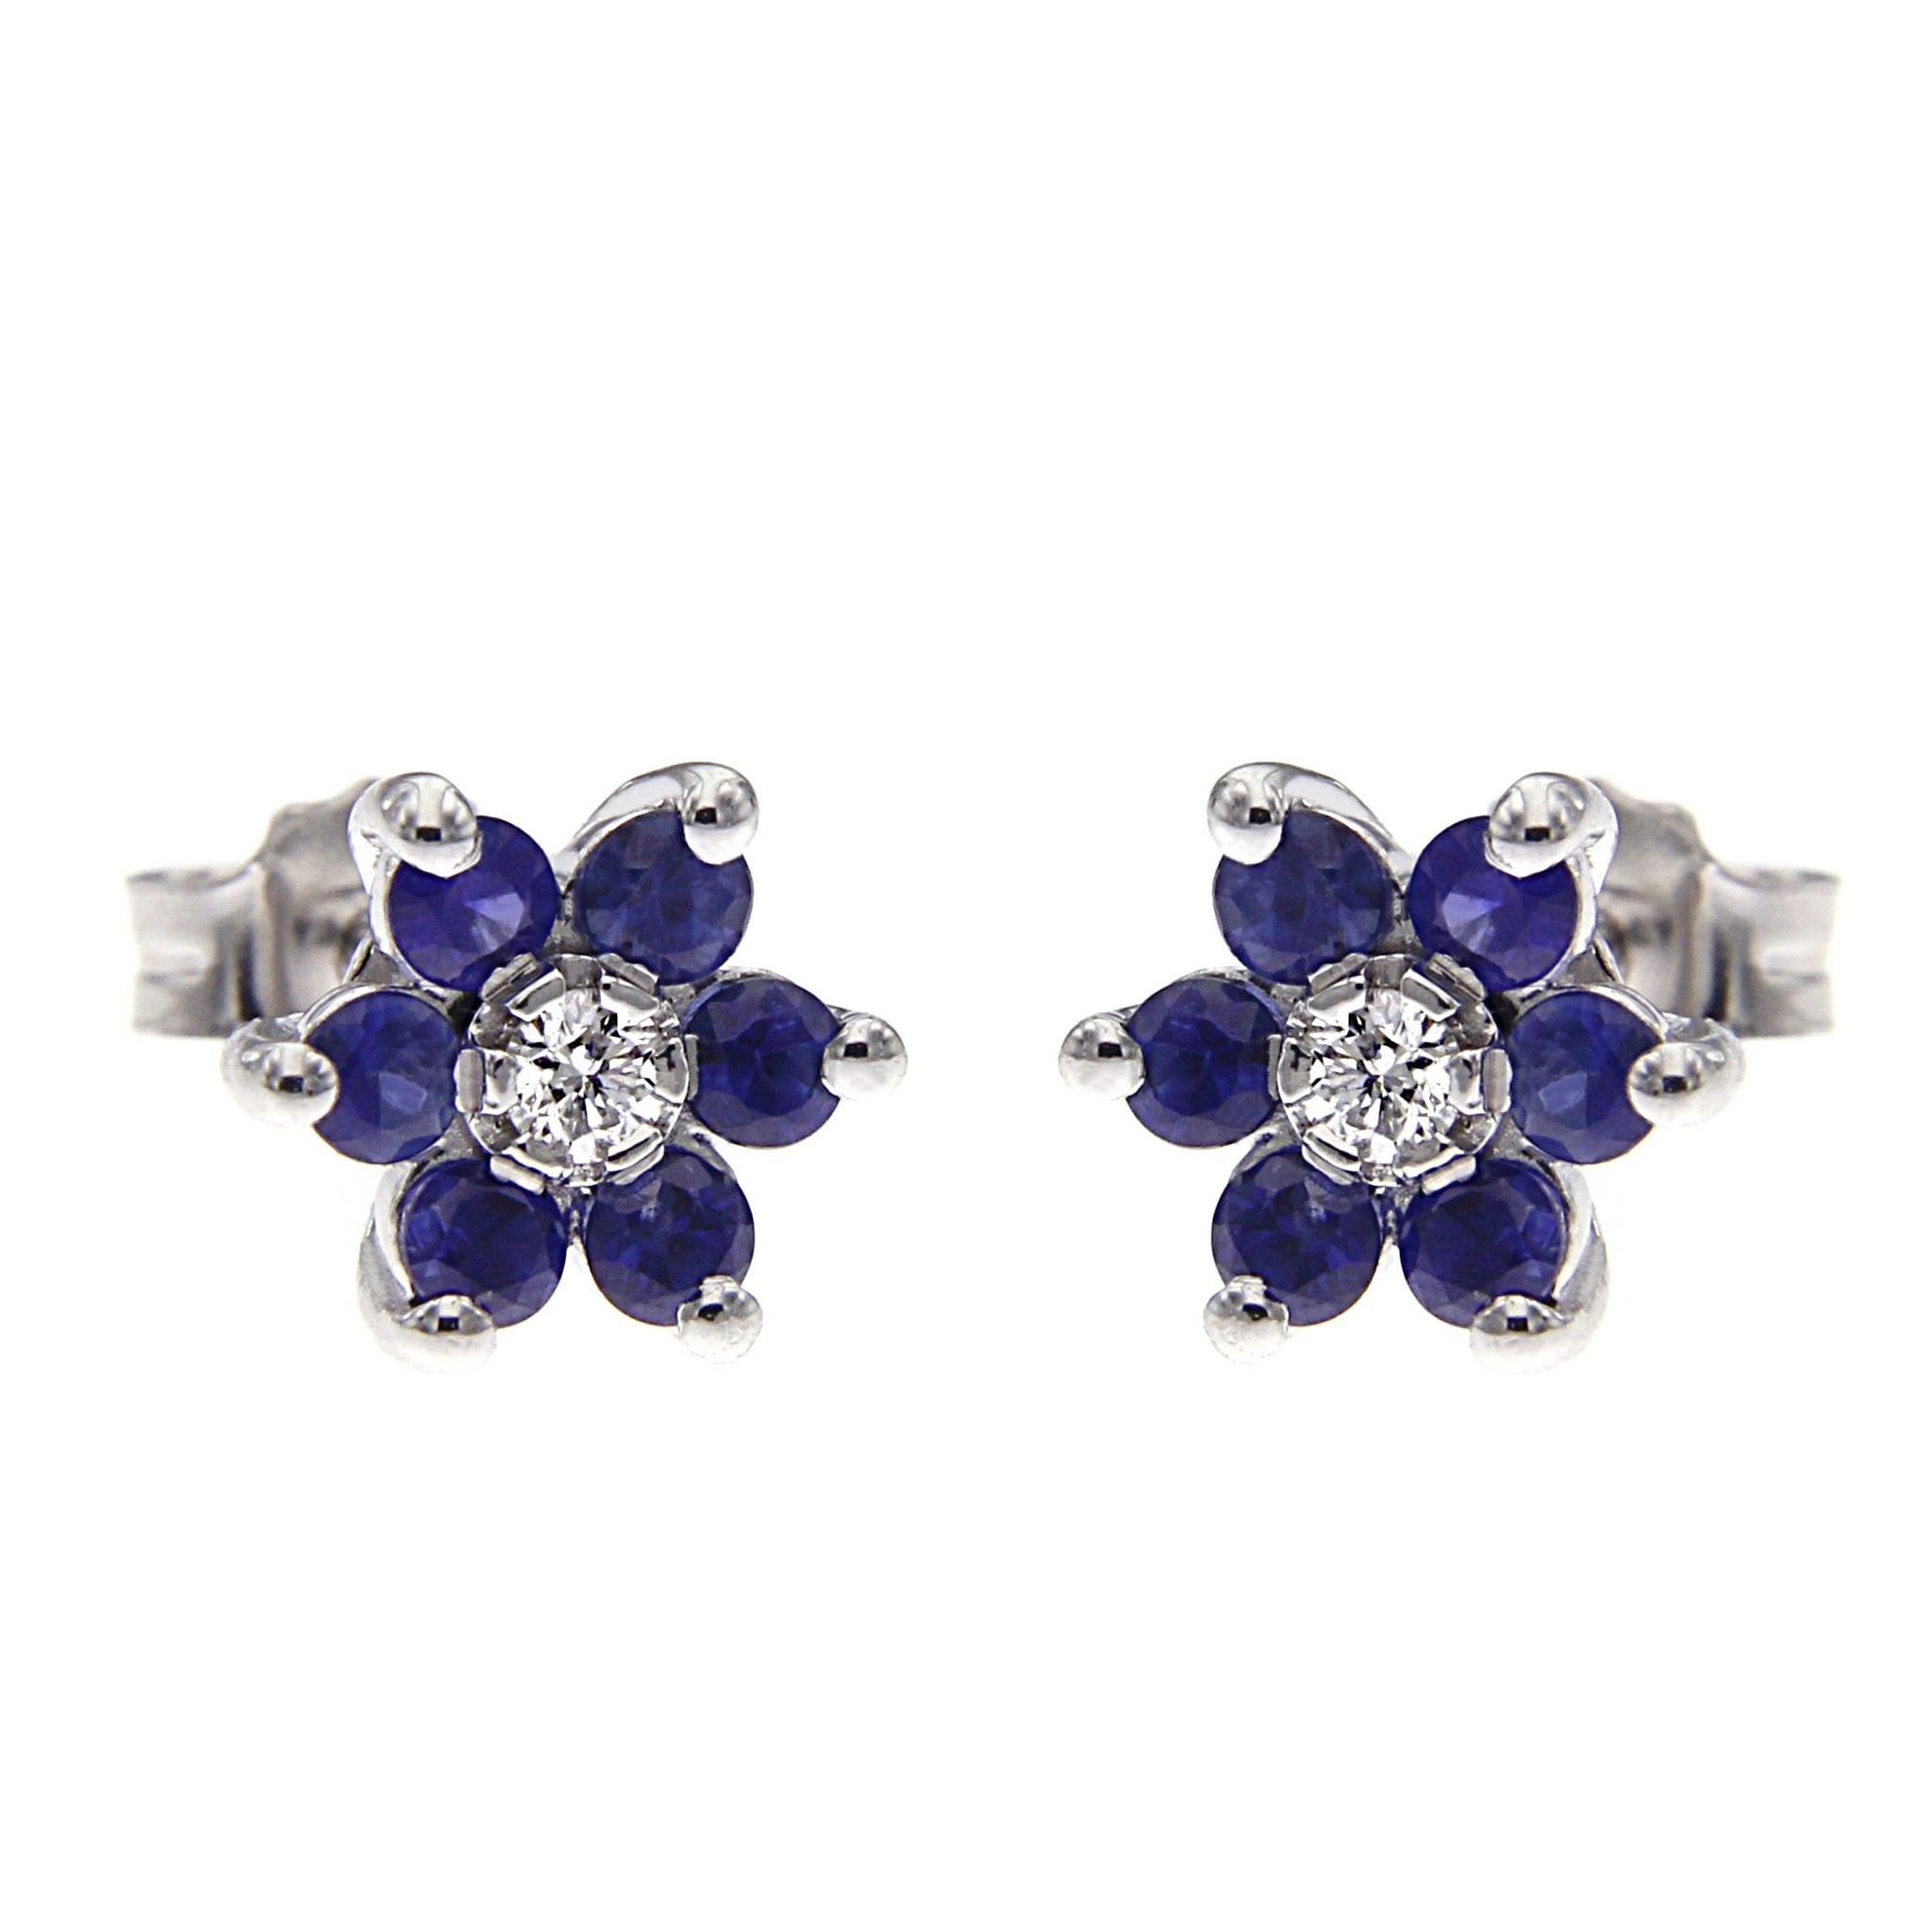 Orecchini Fiore con Diamanti CT 0.08 e 12 Zaffiri CT 0.84